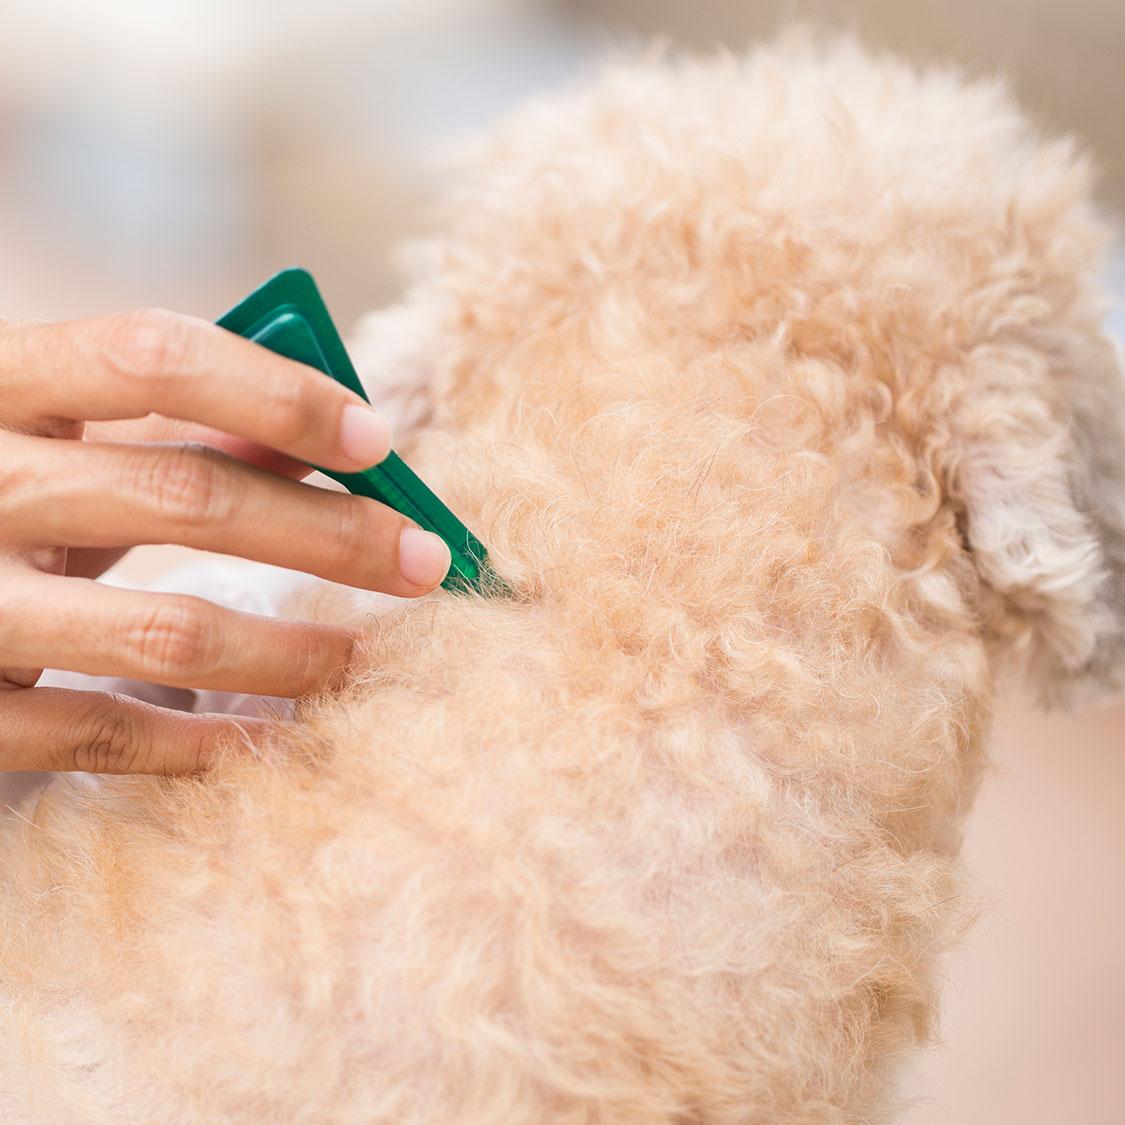 강아지 진드기 예방법!